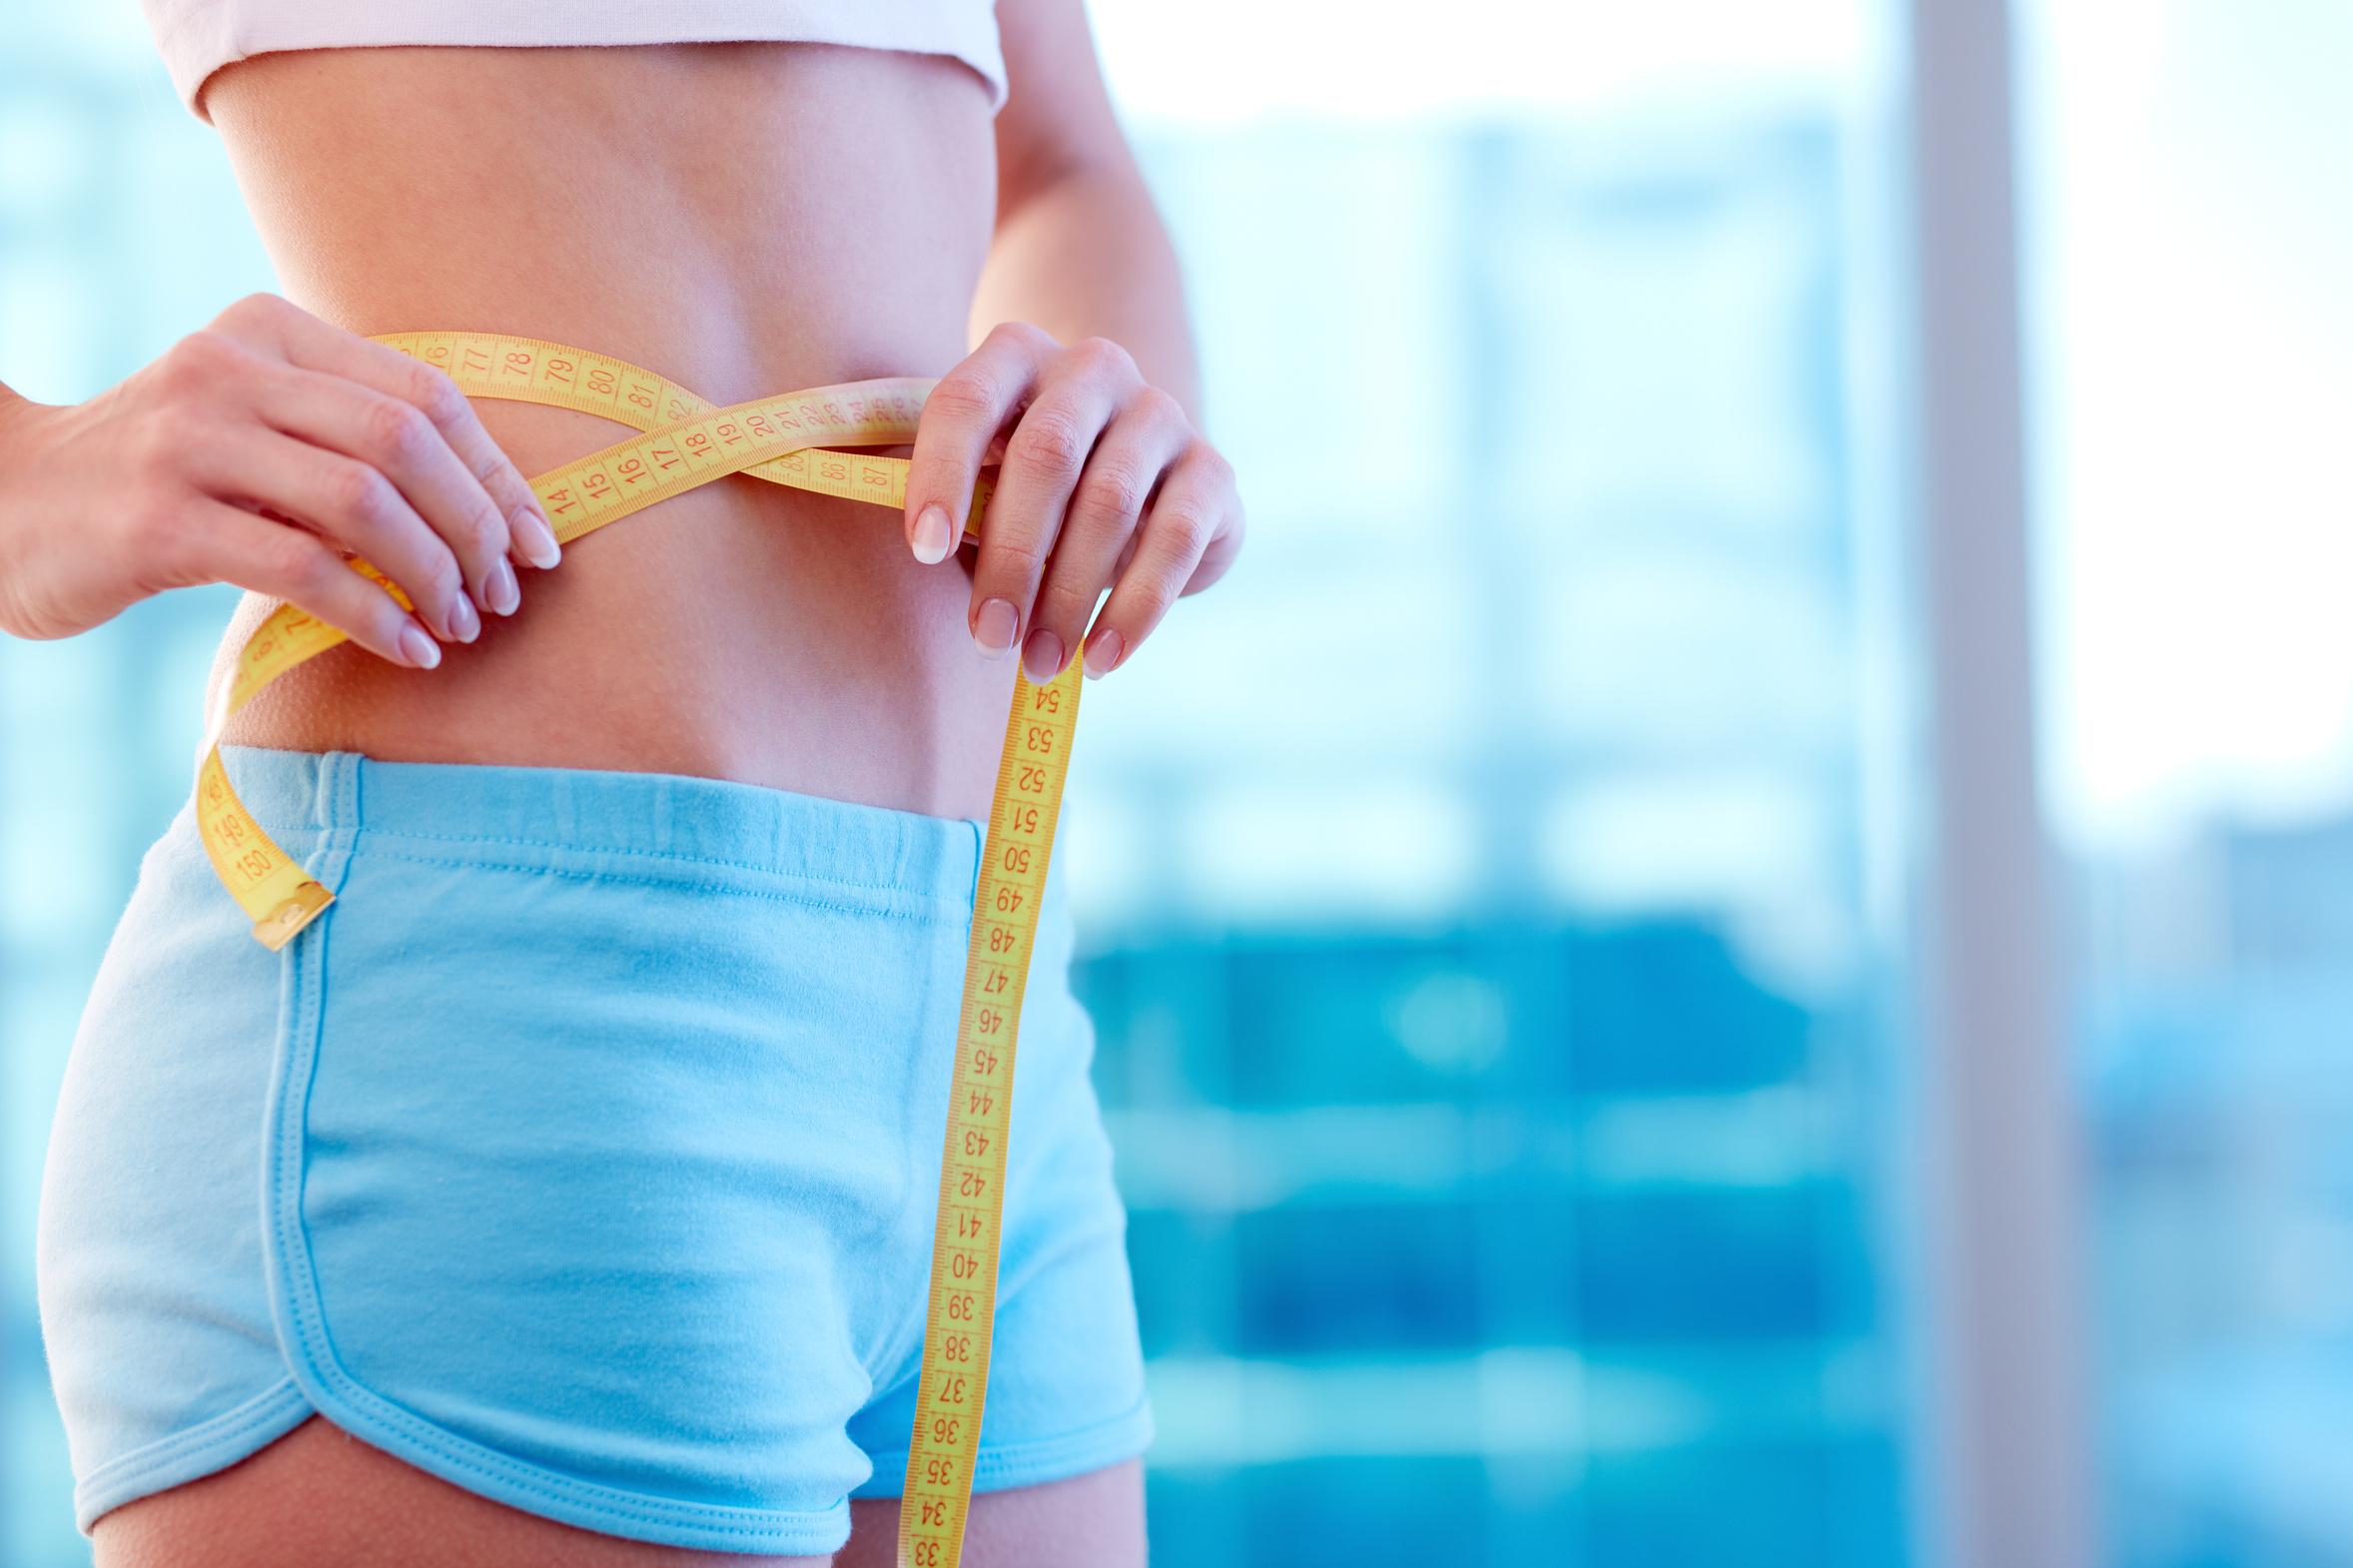 Pierderea în greutate mentalitatea 2b 42 și trebuie să slăbești